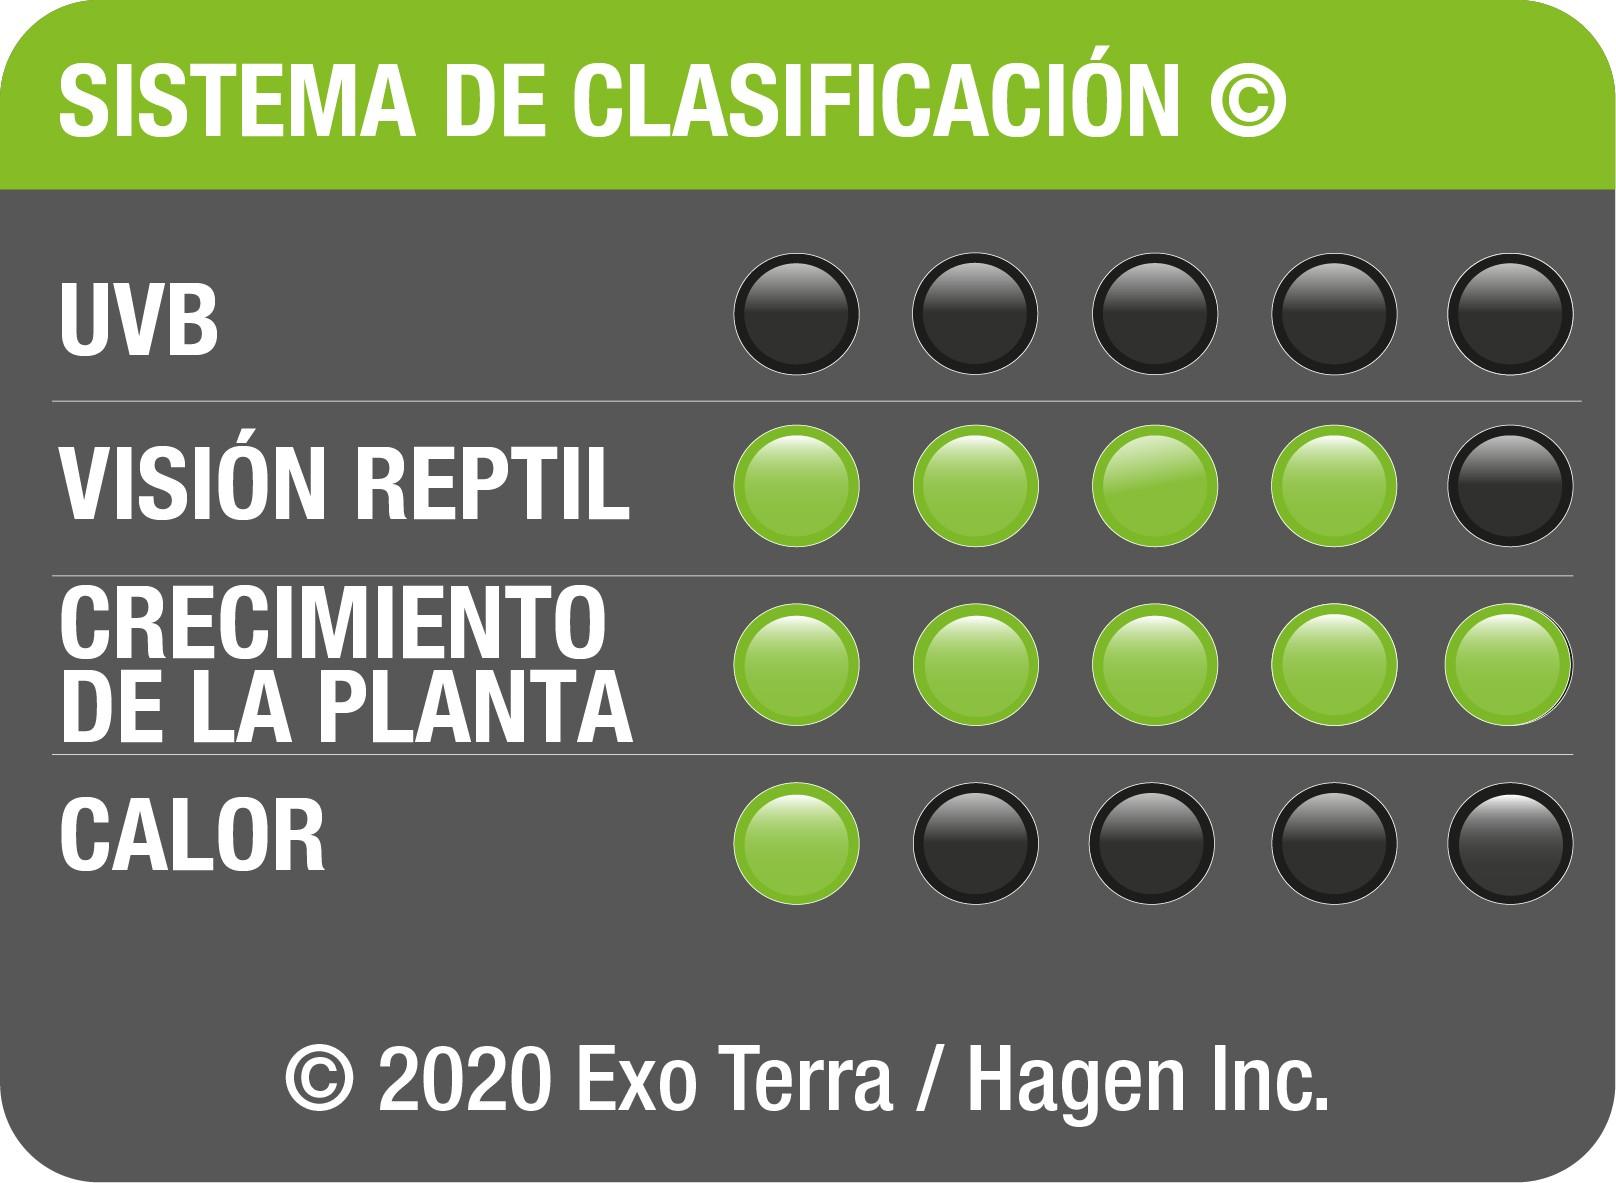 Sistema de clasificación de las bombillas LED 8W Exo Terra